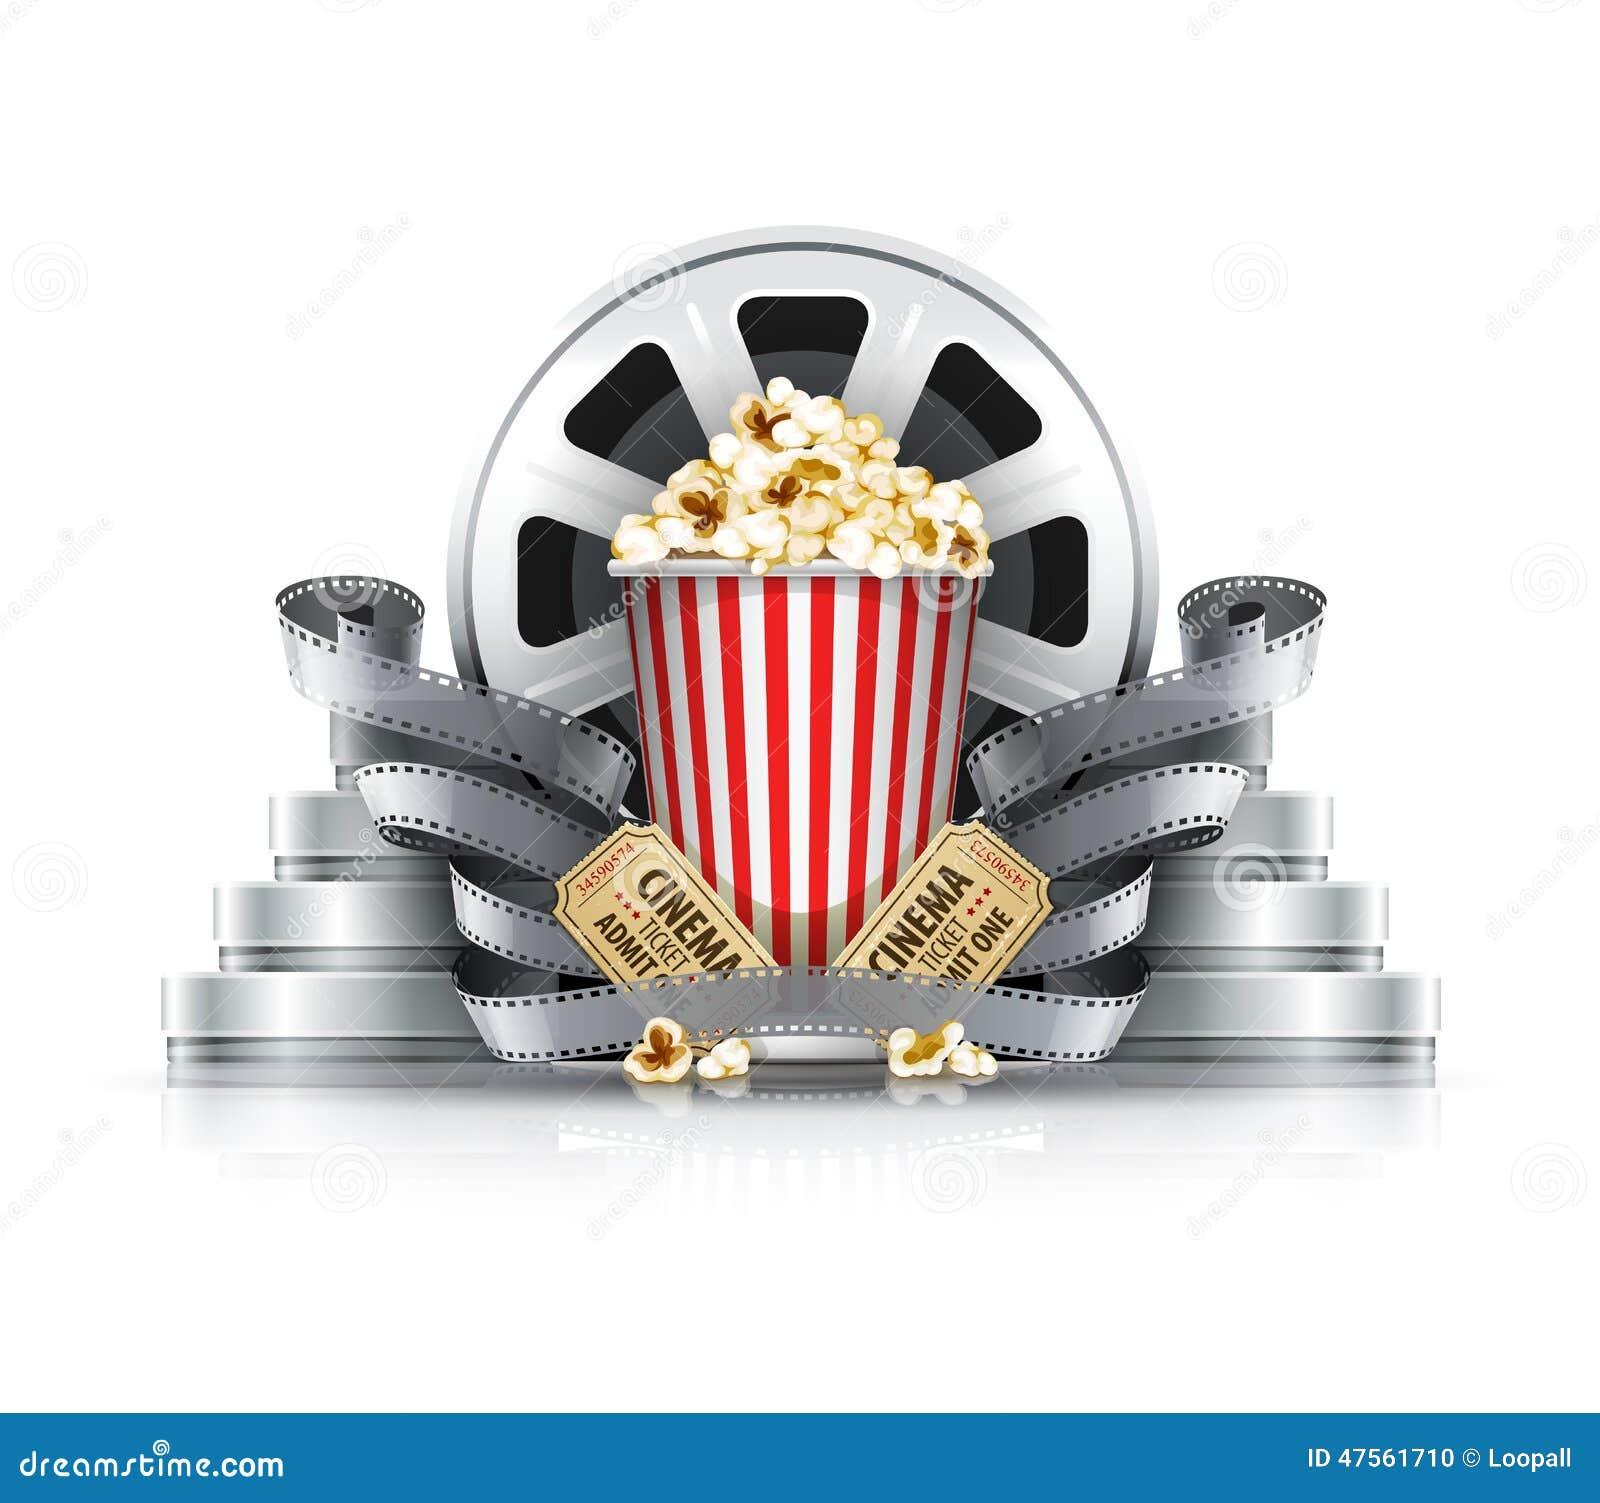 Popcorn ταινία-λουρίδες και δίσκοι με τα εισιτήρια κινηματογράφων στη κινηματογραφική αίθουσα